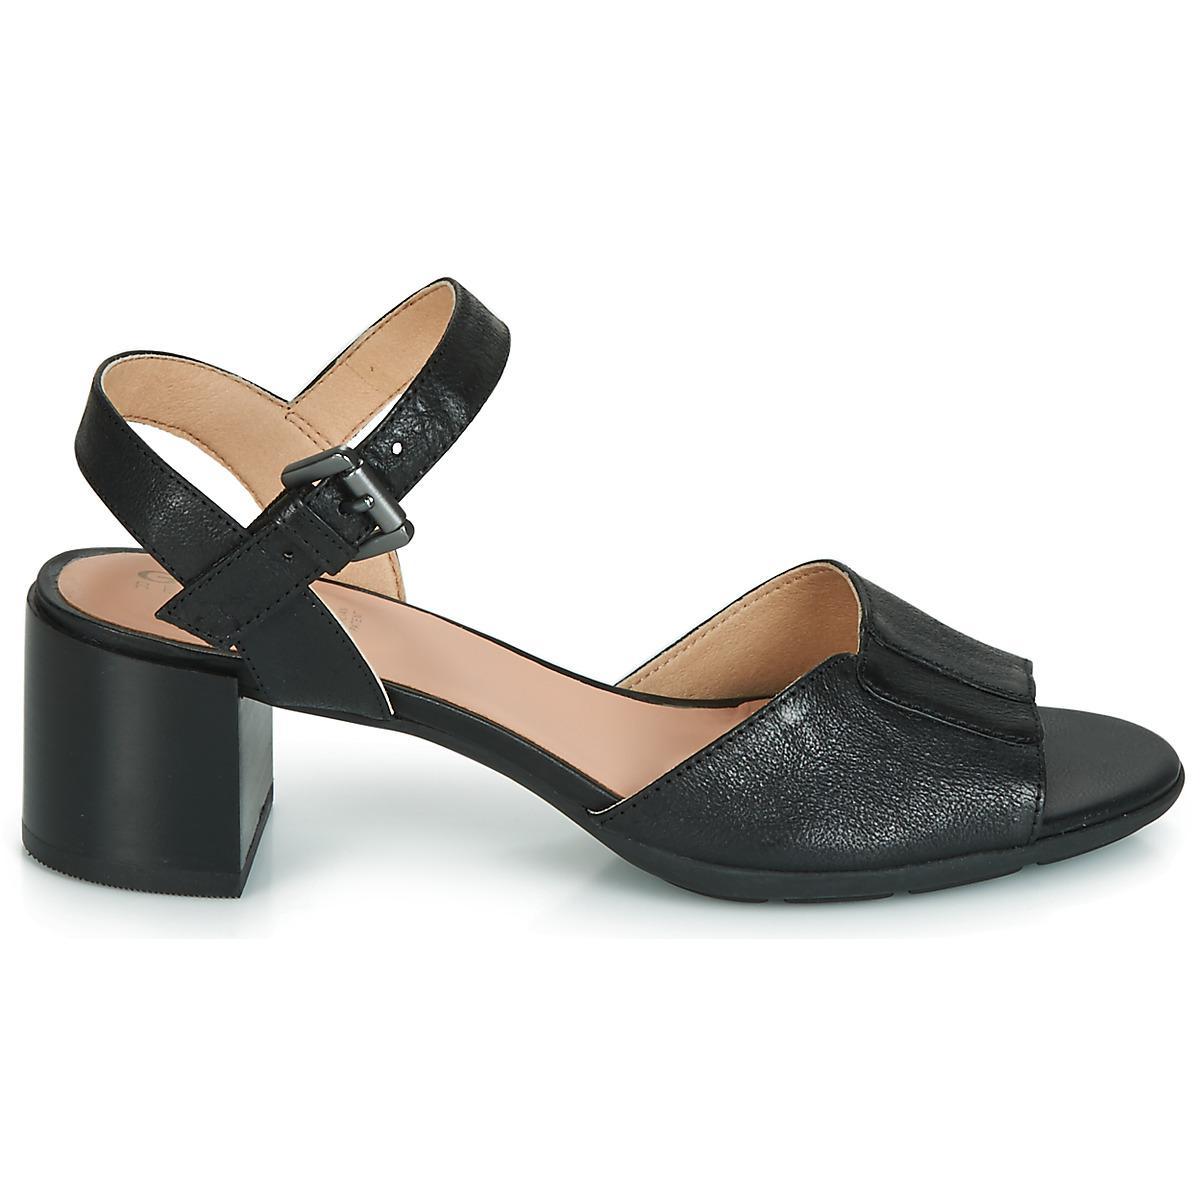 Sandals Lyst In Women's Mid D Marykarmen San Black Geox lFKu1Tc35J